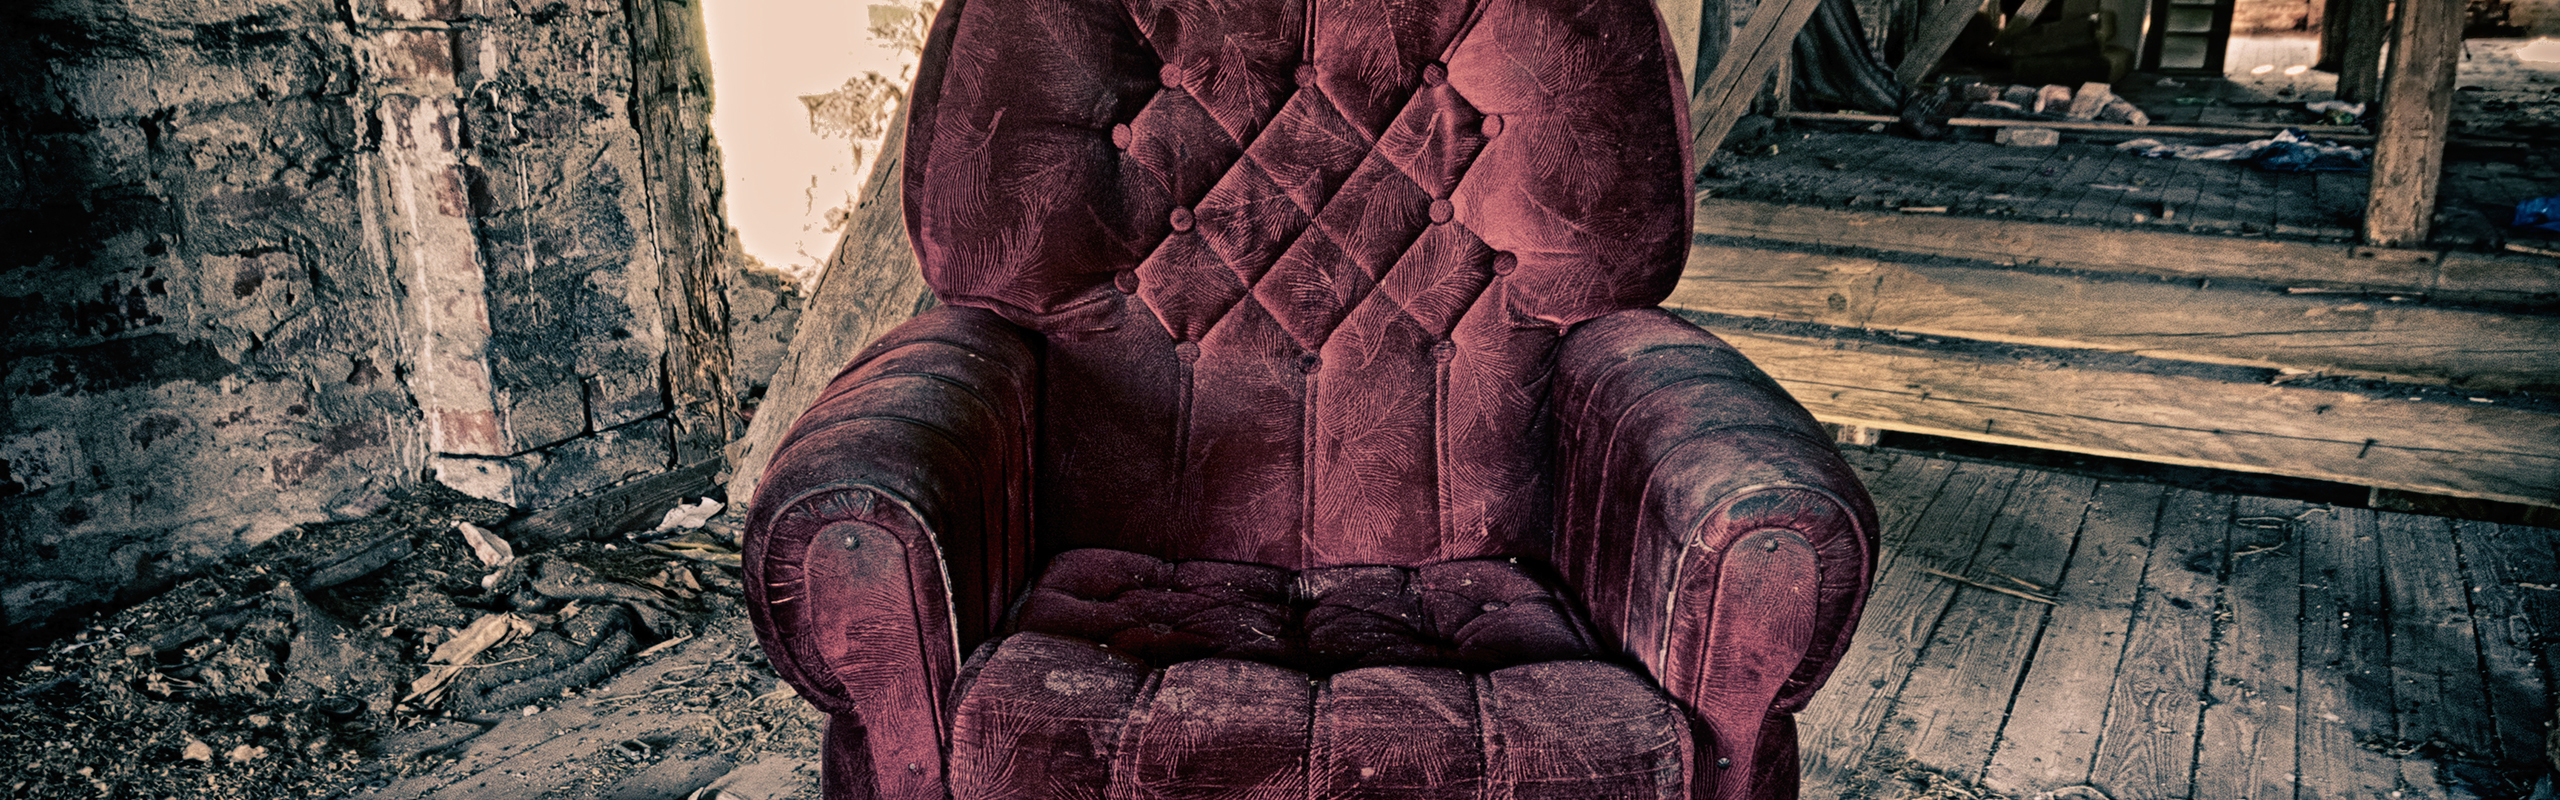 04-ramassage-meubles-metaux-detoutpourtout-terrebonne